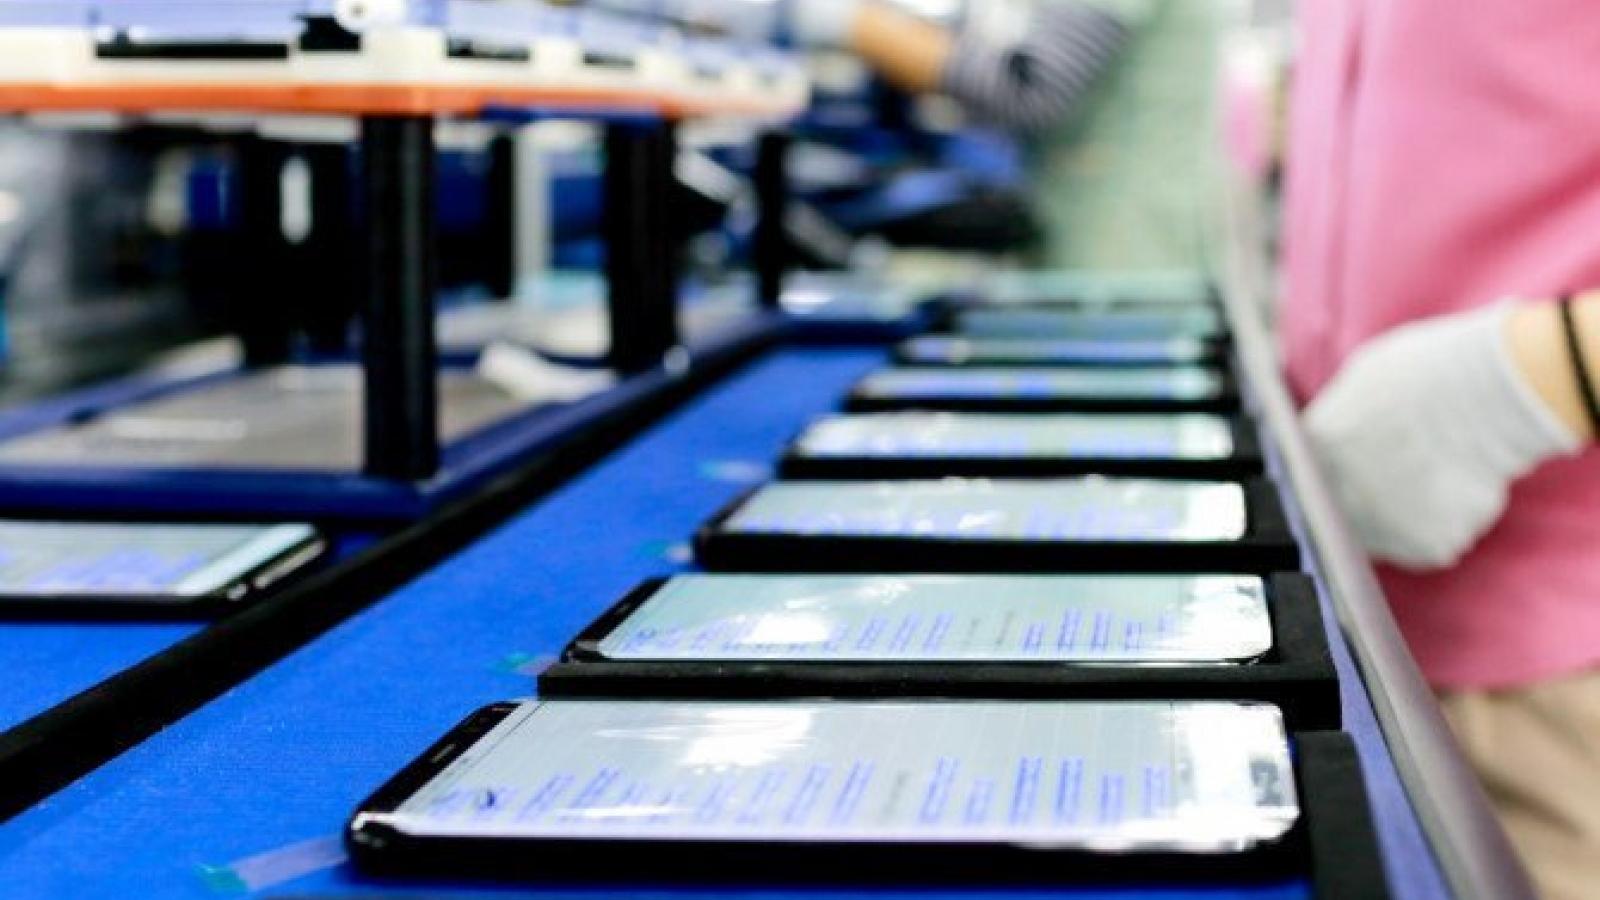 Xuất khẩu điện thoại, linh kiện đạt 29,3 tỷ USD trong 7 tháng năm 2021